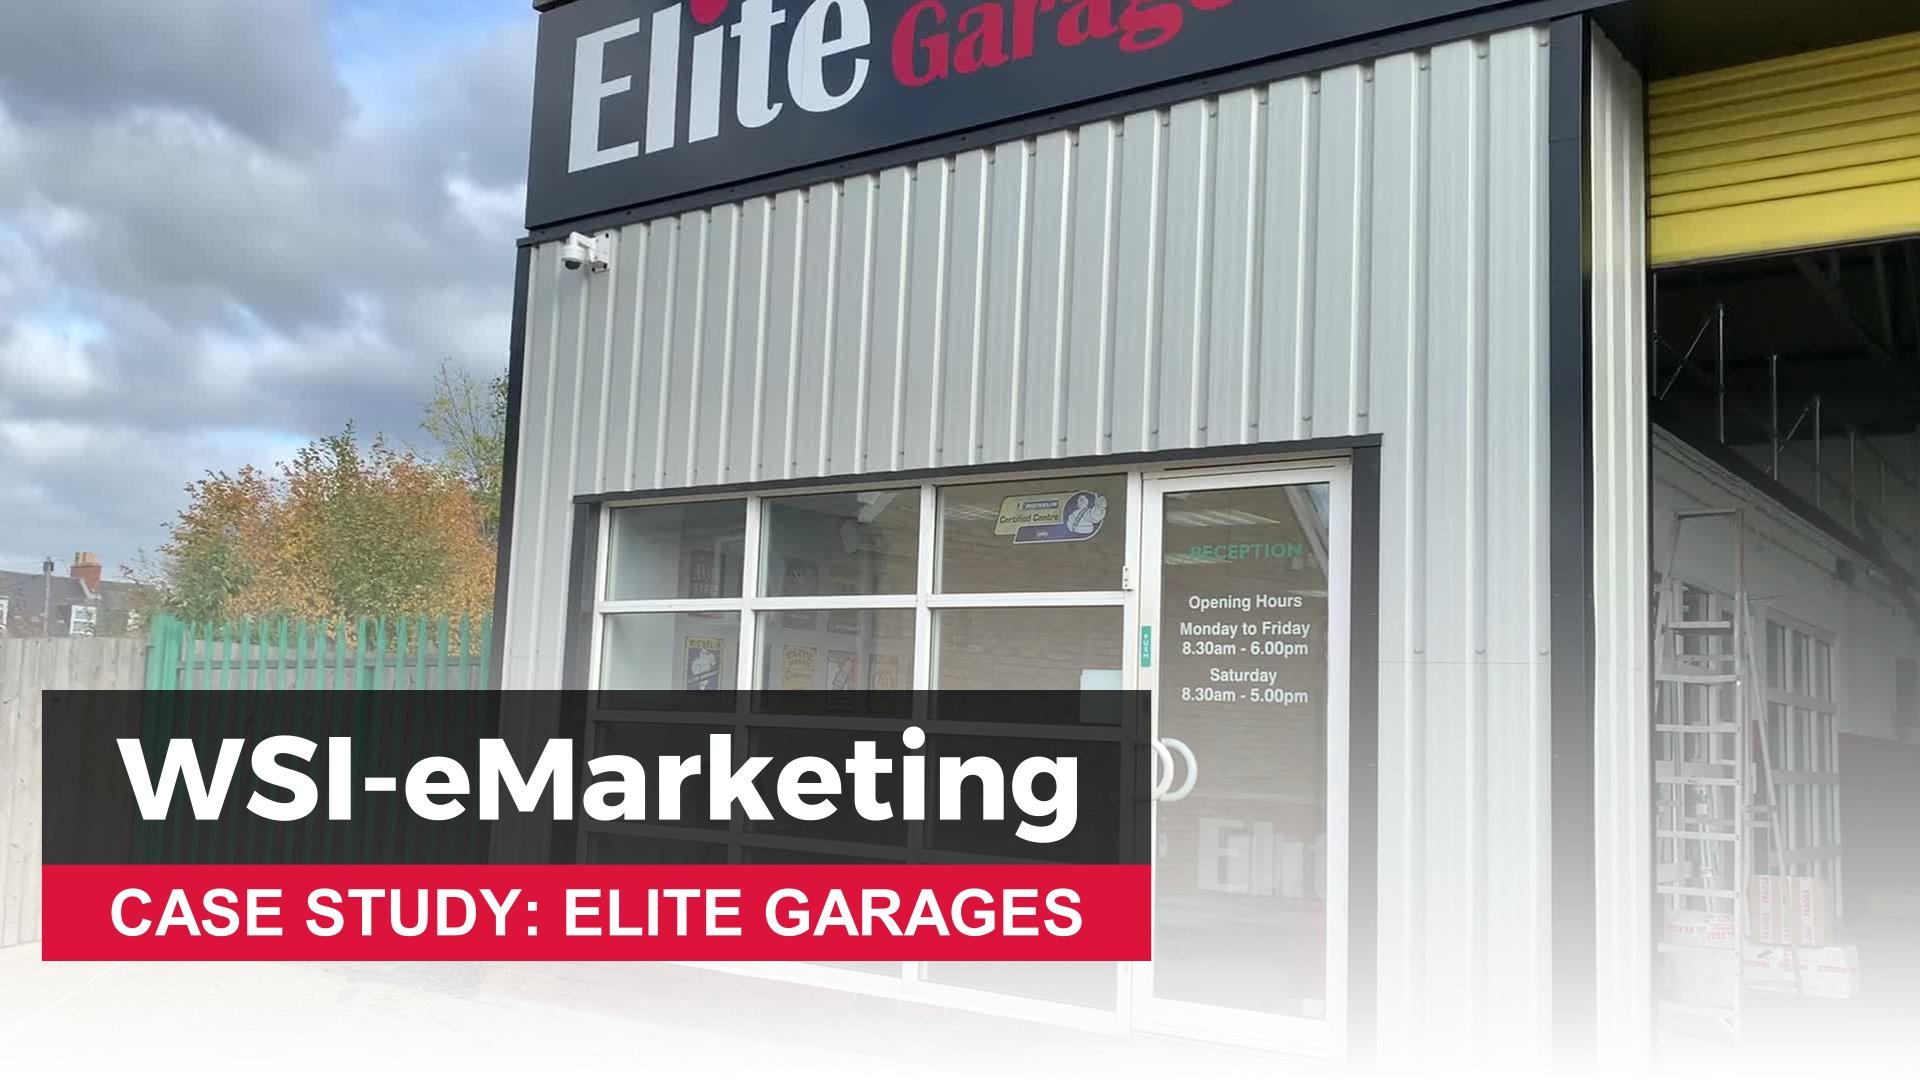 WSI Customer Testimonial - Elite Garages